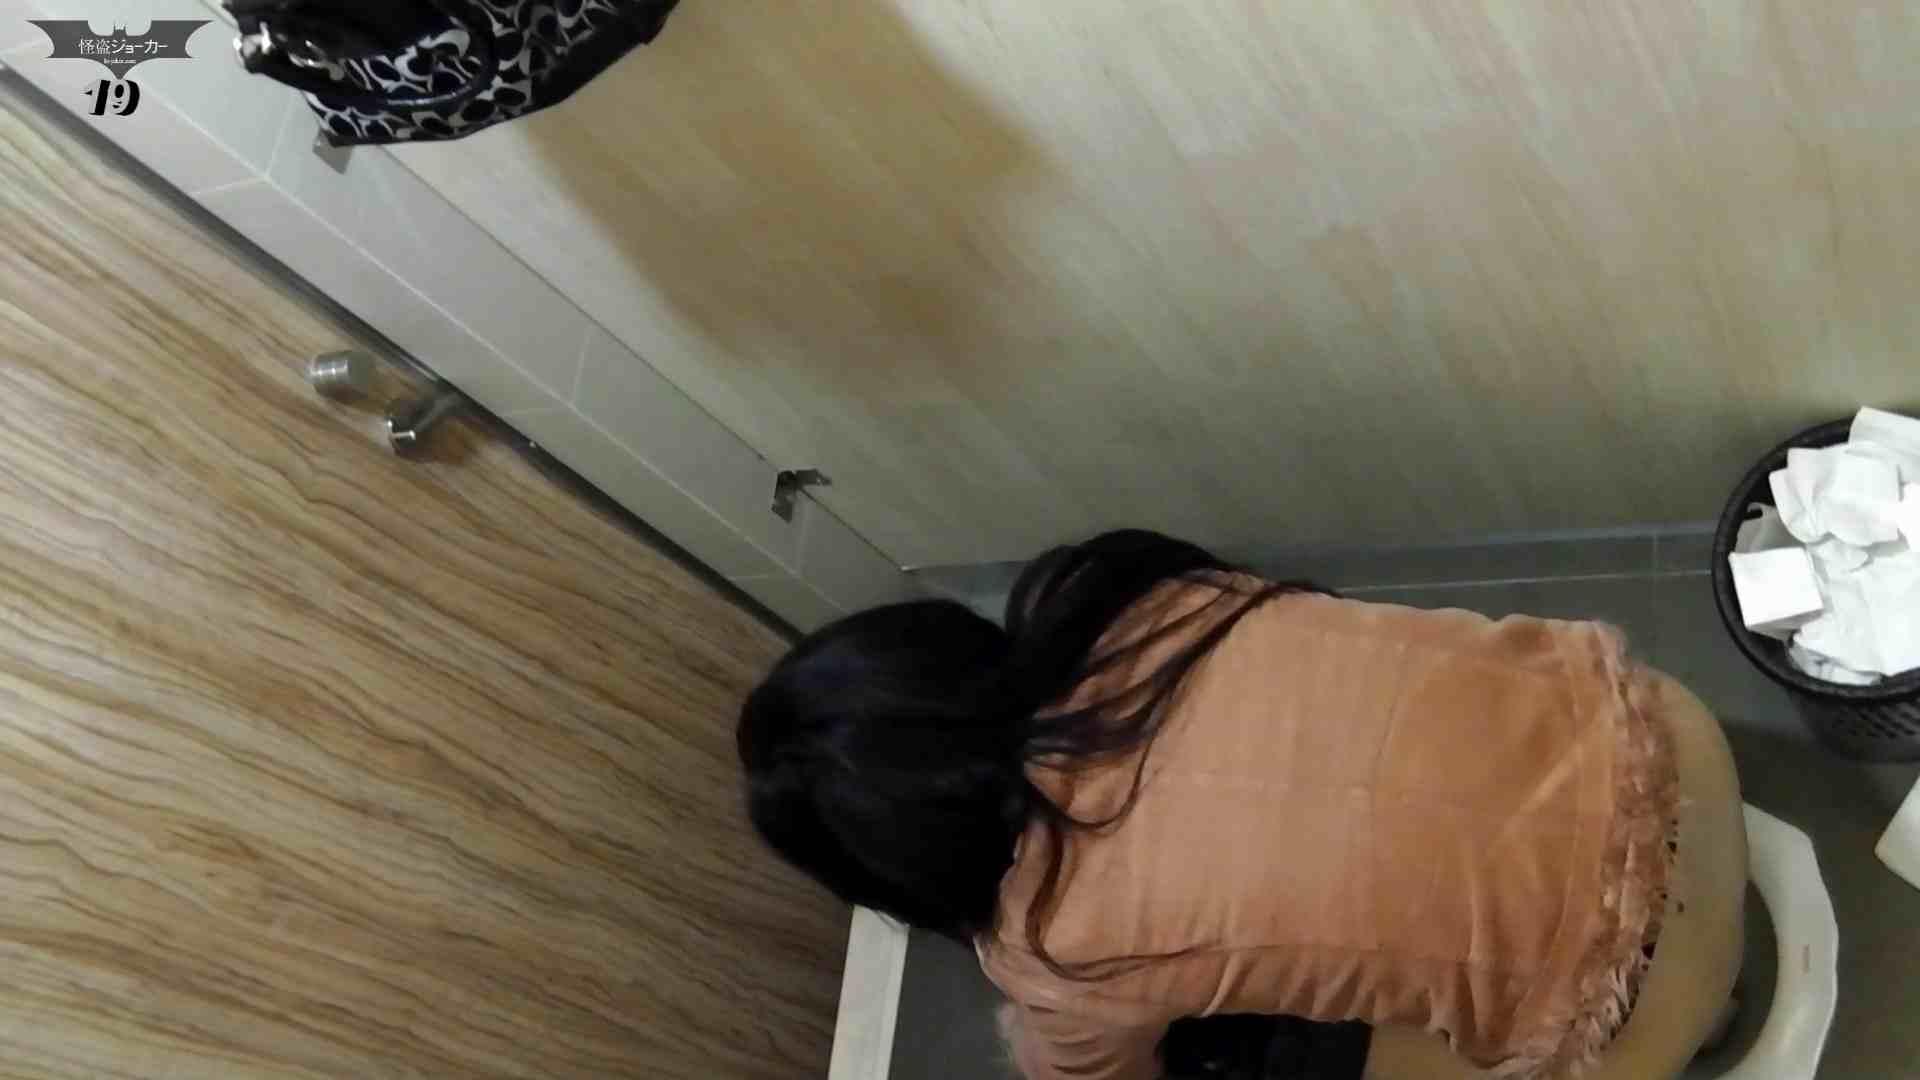 阿国ちゃんの「和式洋式七変化」 (NEW)19 「雫」はしっかりと切るんです! 盛合せ オメコ動画キャプチャ 88枚 14